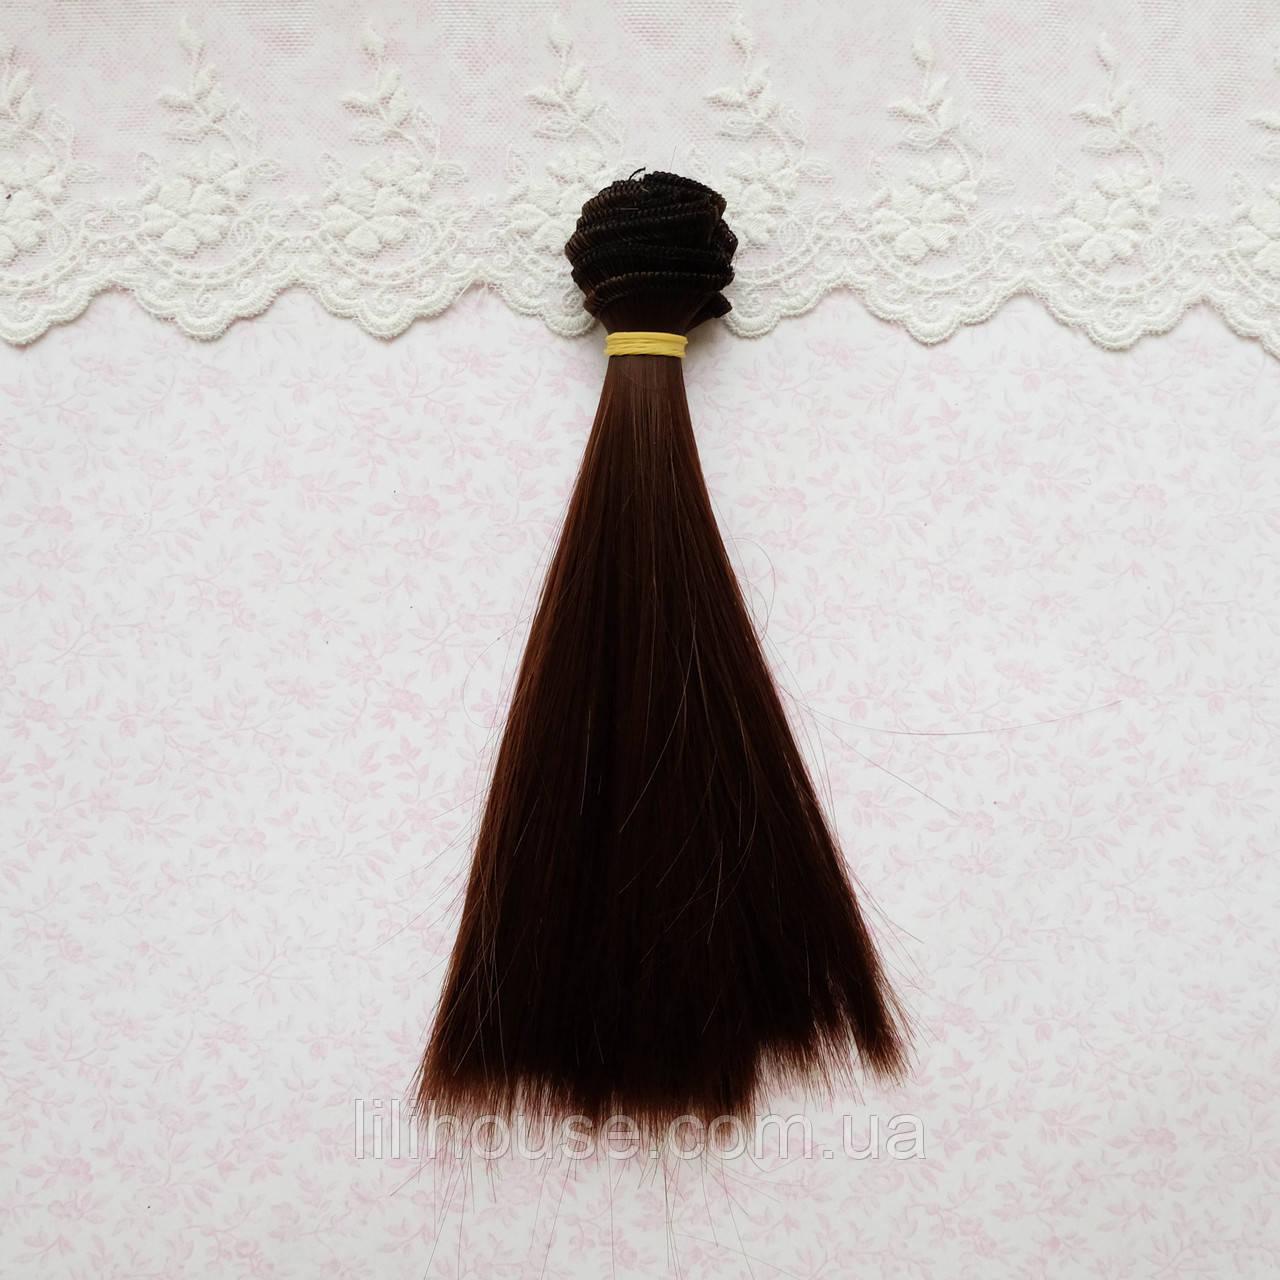 Волосы для кукол в трессах, пряный каштан шелк - 25 см